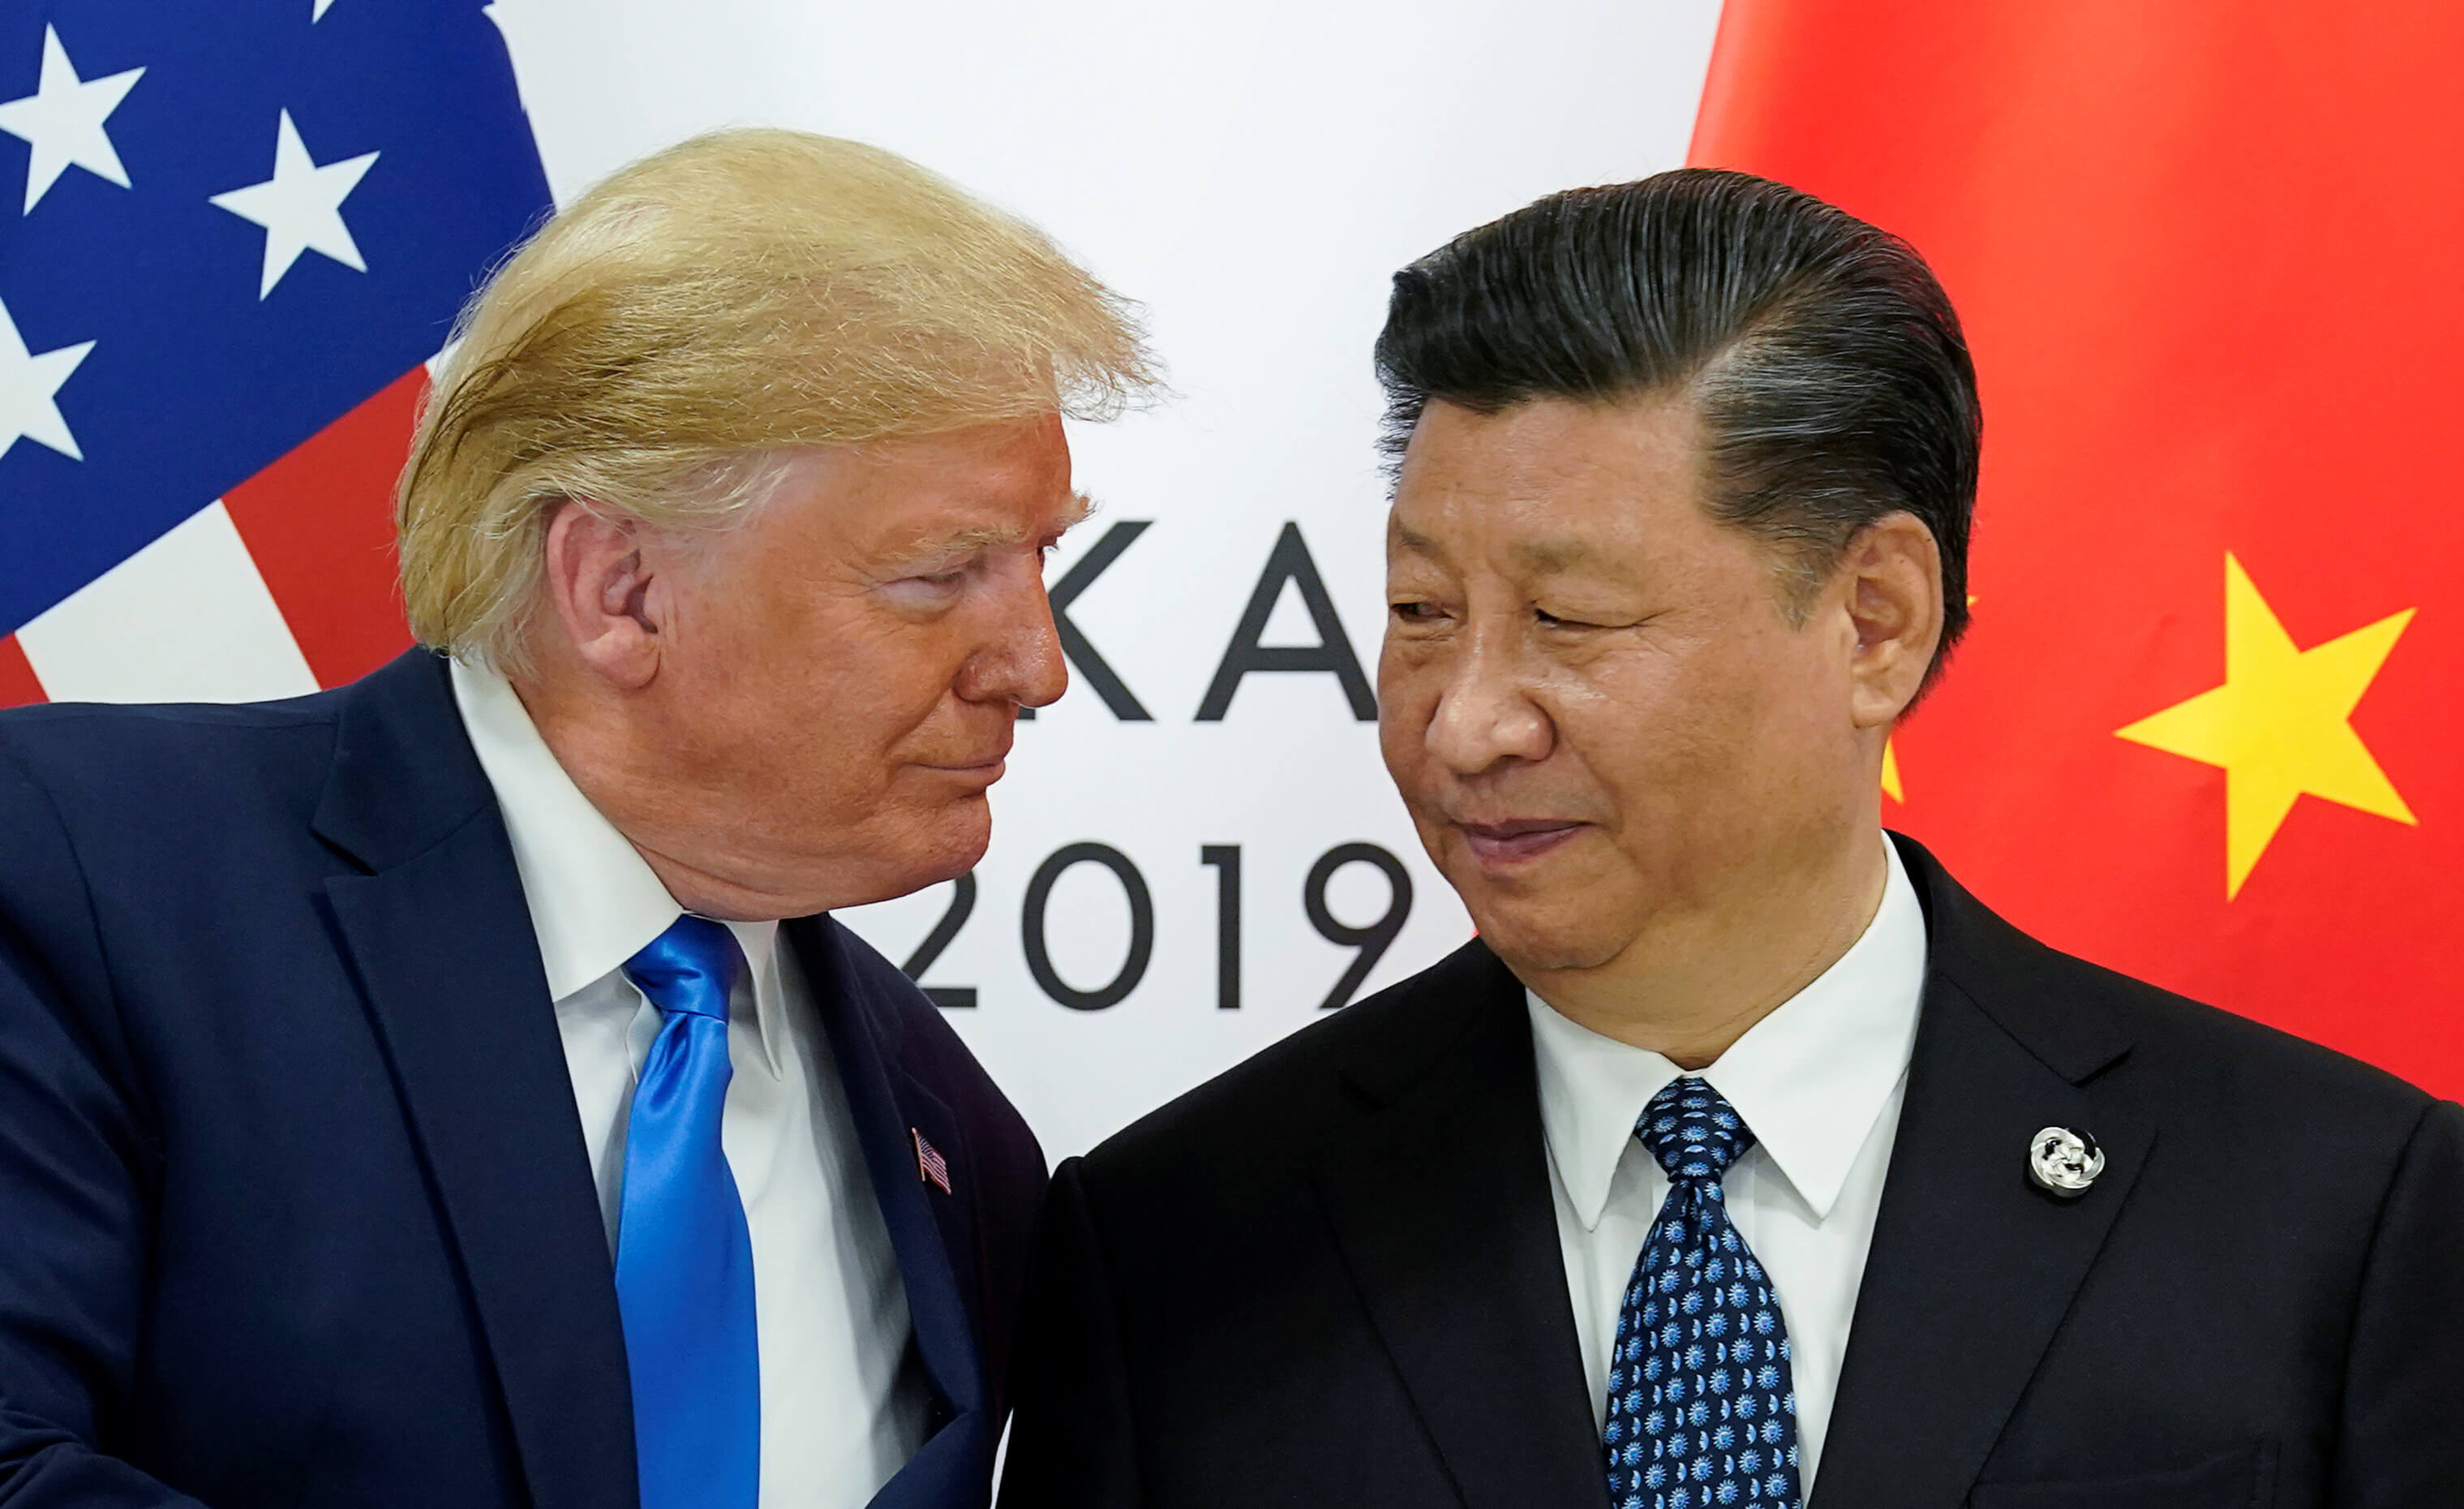 Τα αλλάζει τώρα ο Τραμπ και δεν… βιάζεται για συμφωνία με την Κίνα